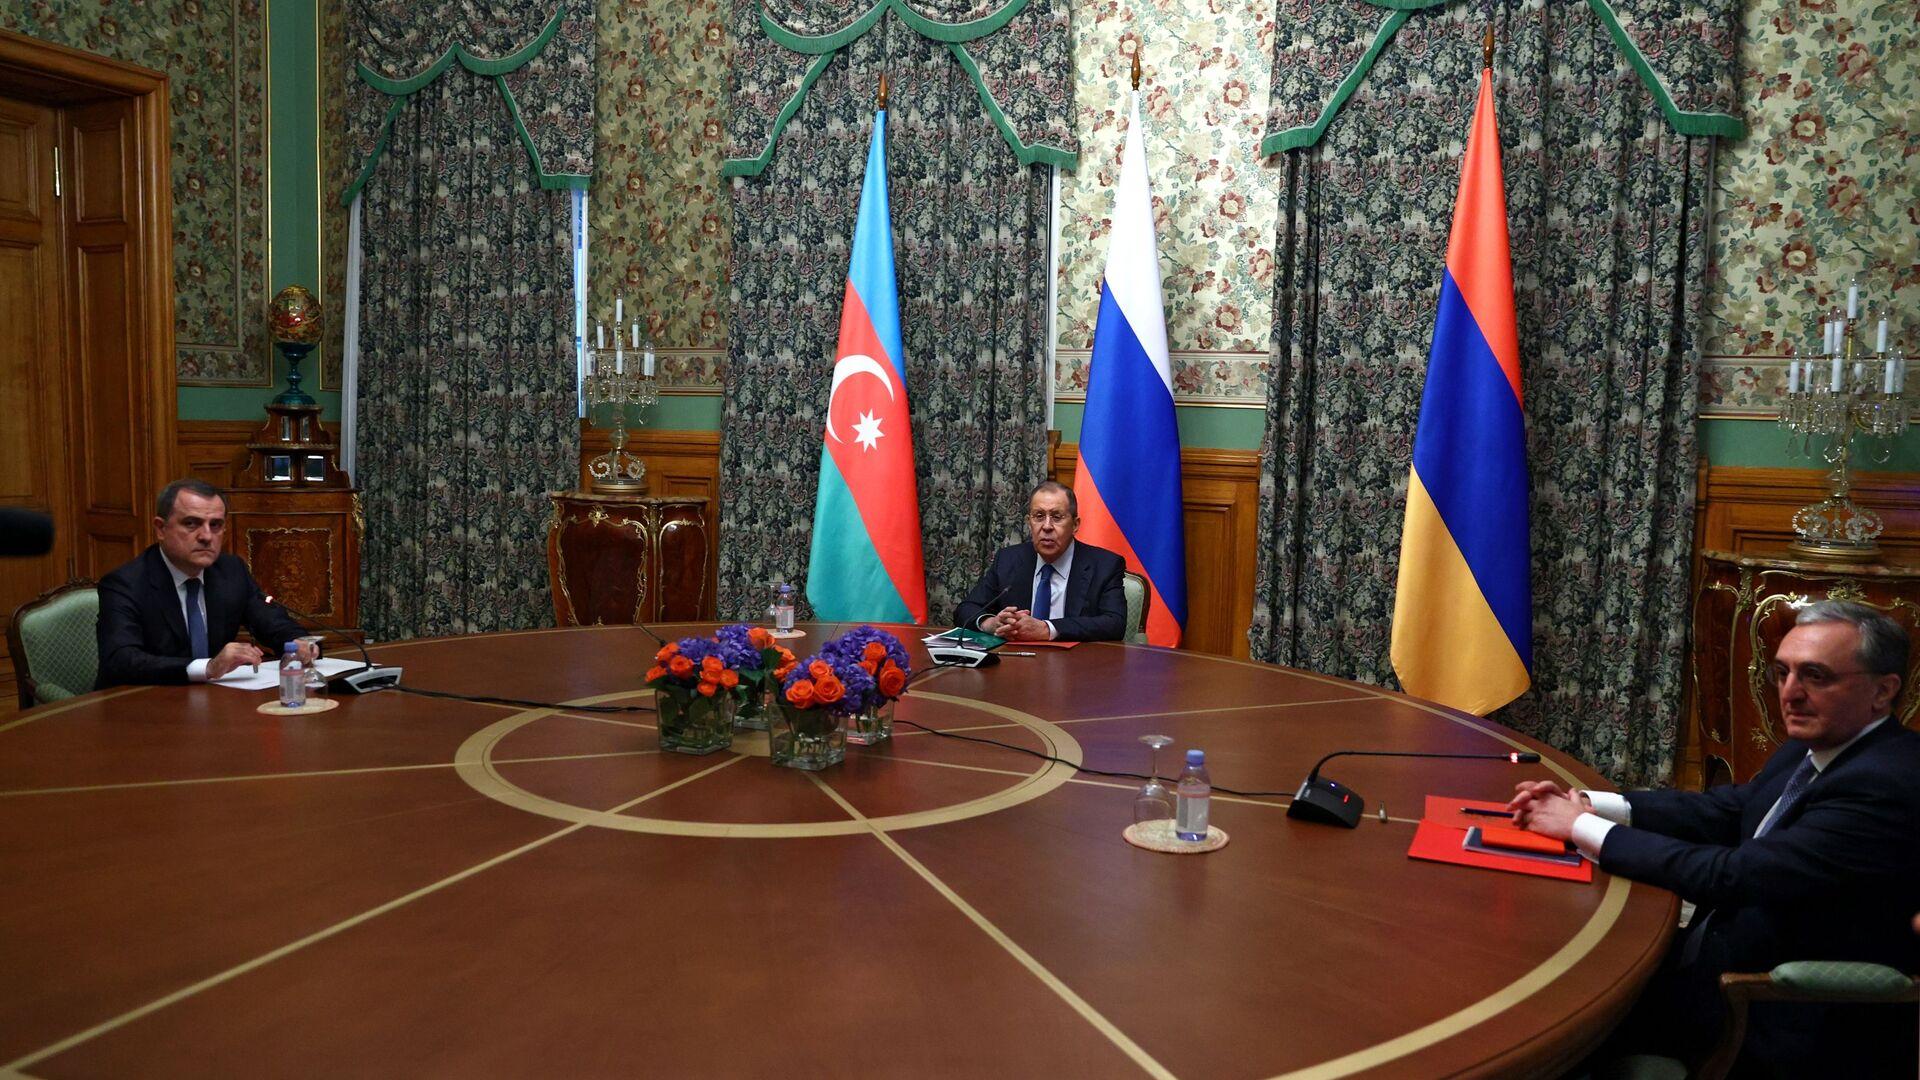 Las negociaciones entre los cancilleres de Rusia, Armenia y Azerbaiyán sobre Karabaj  - Sputnik Mundo, 1920, 02.06.2021